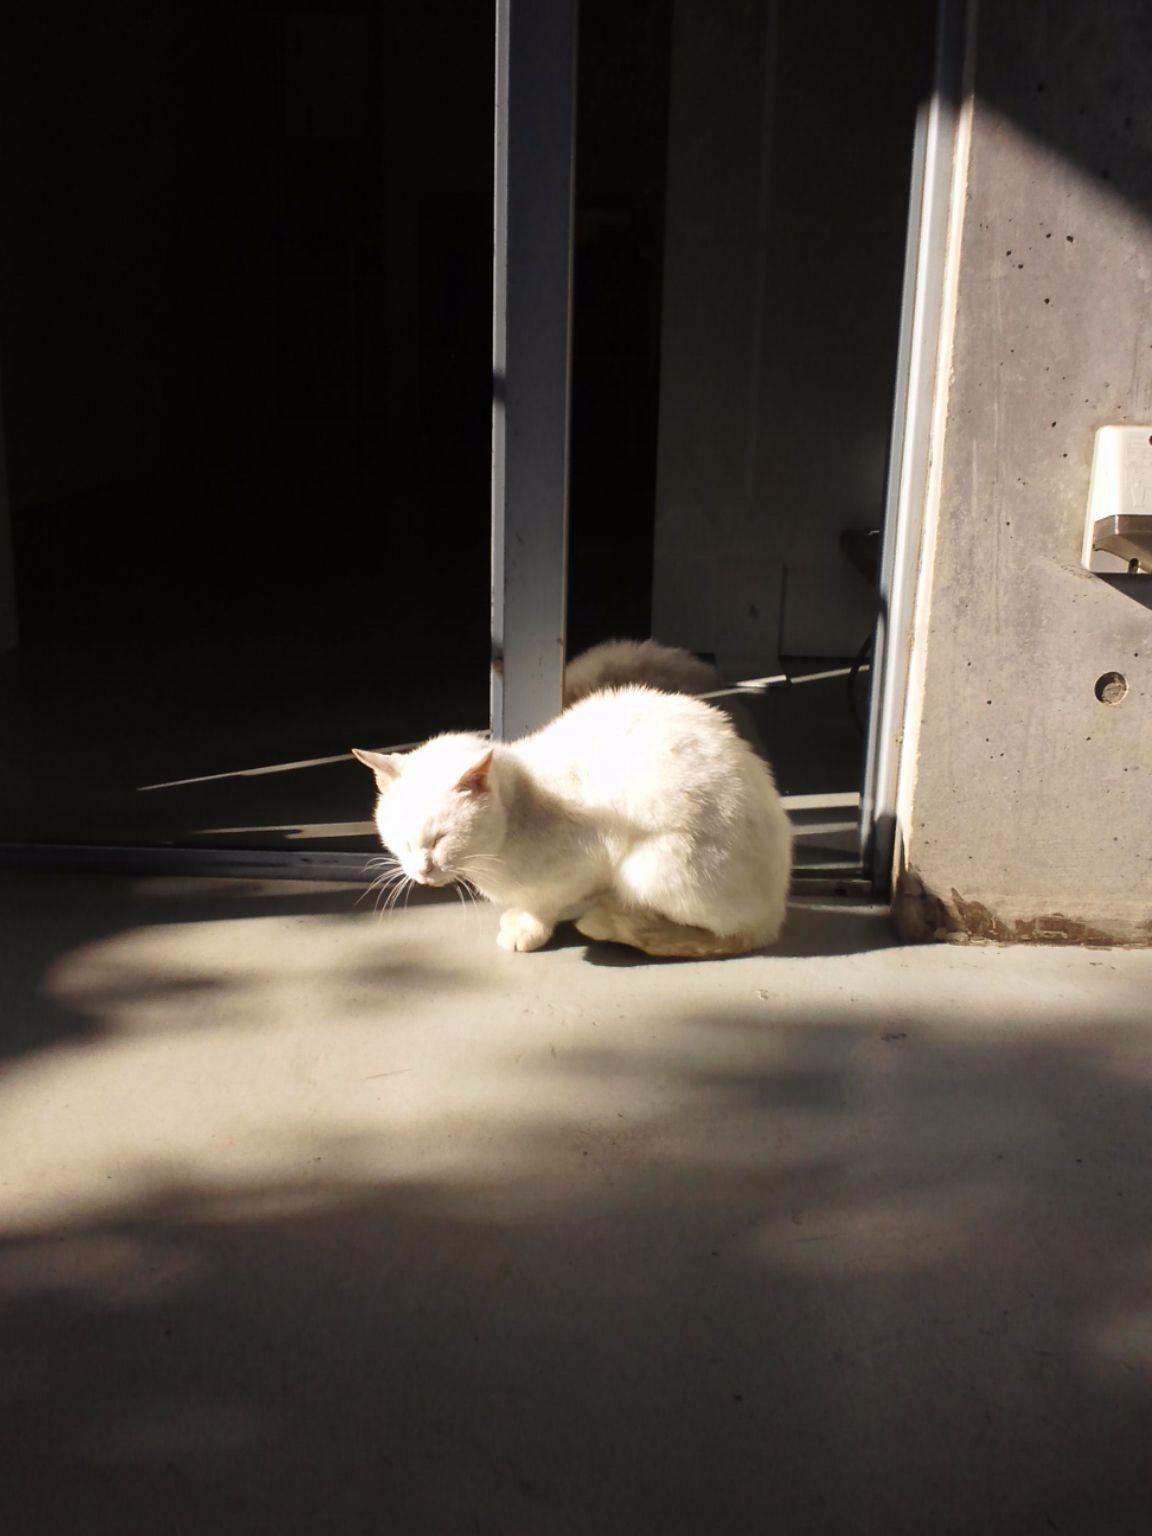 ノラ猫のシロ_a0068339_13531685.jpg